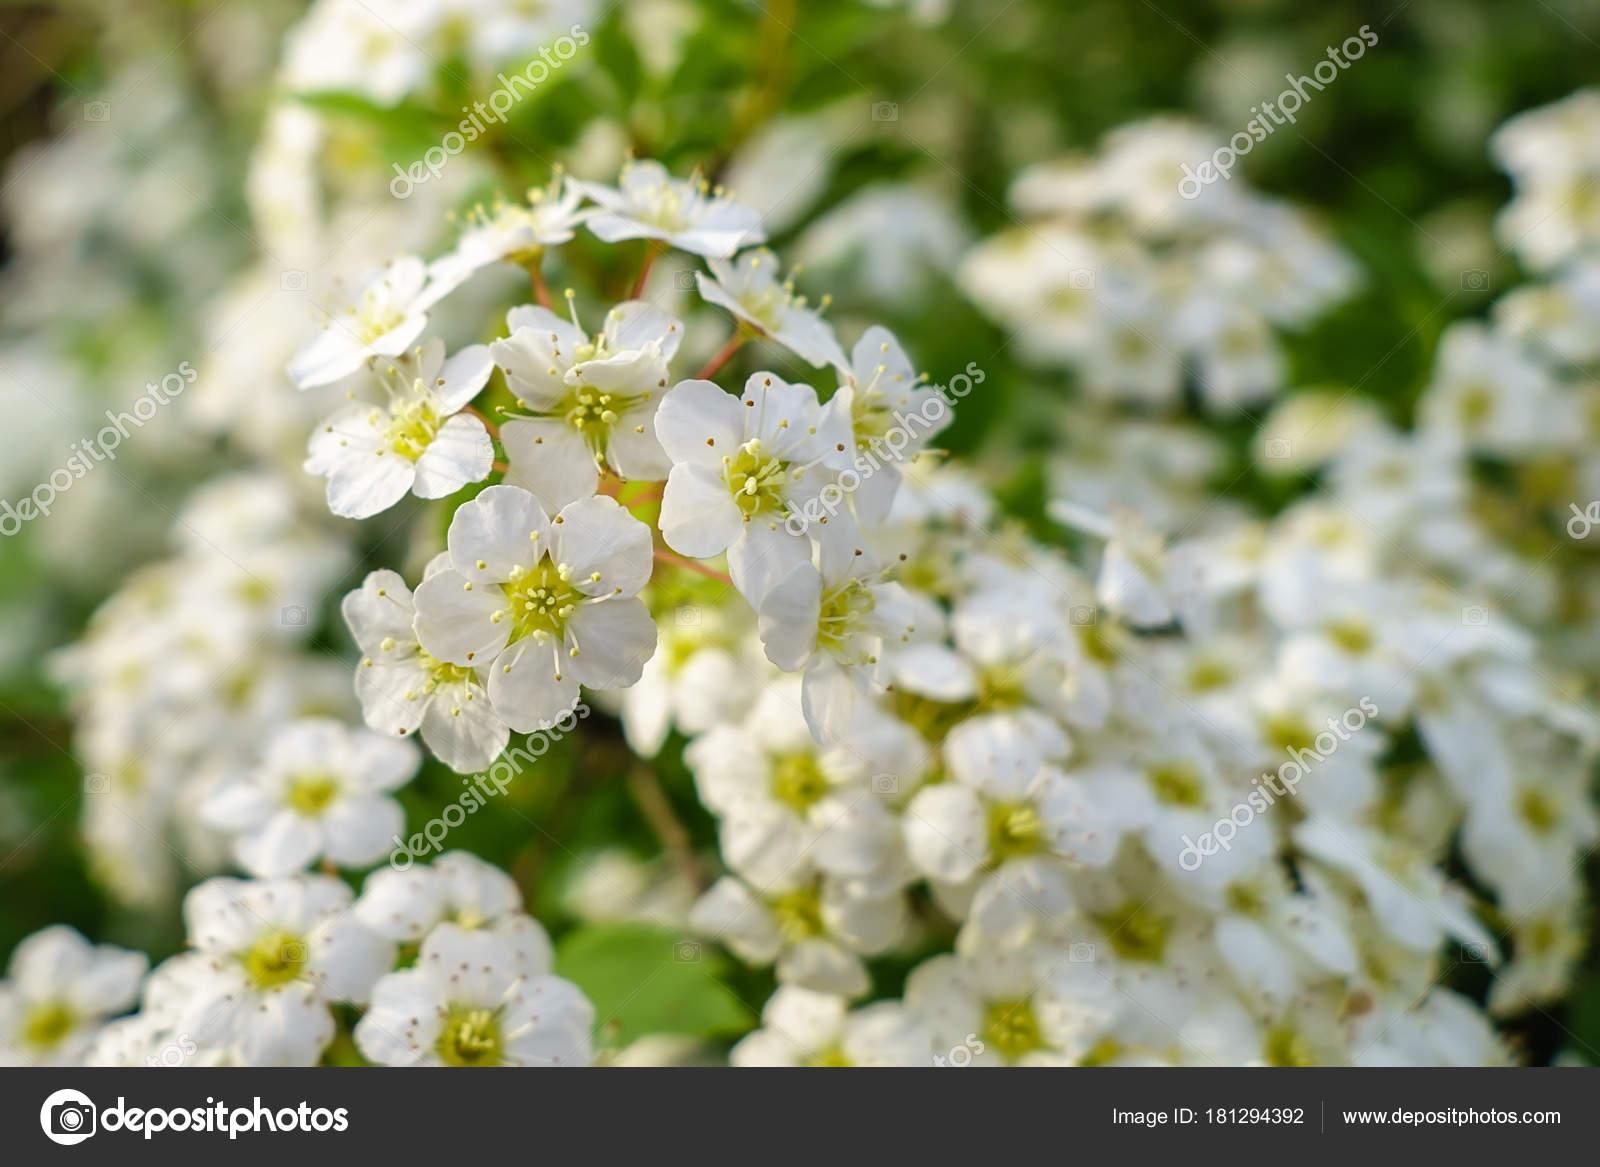 Blooming Bush Of Spirea White Flowers In Sunset Light Stock Photo